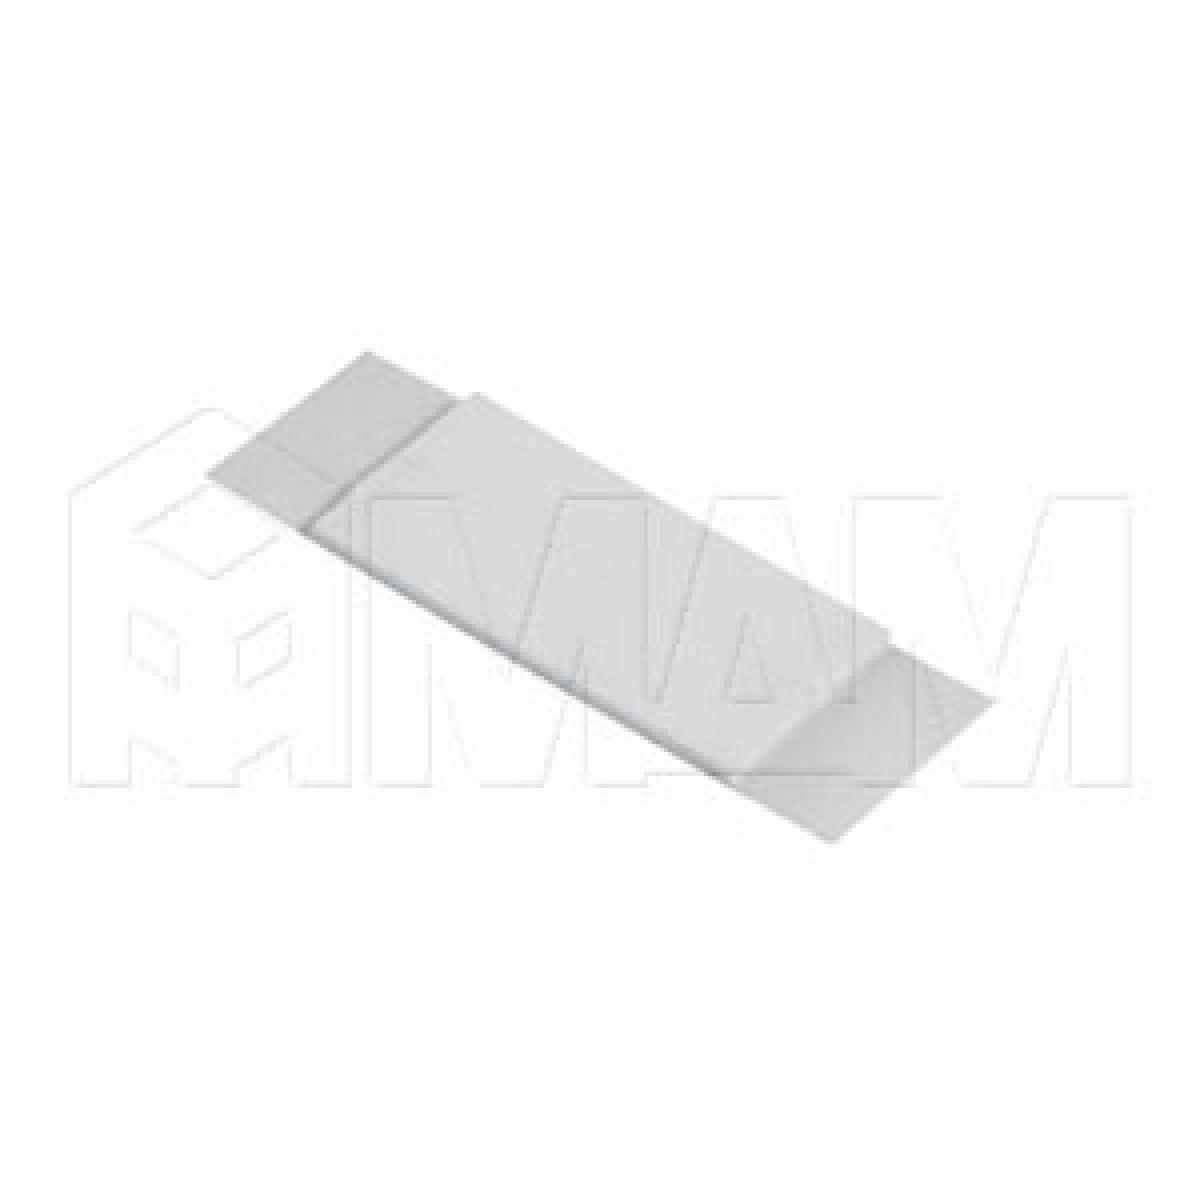 PS48 Комплект для установки пылезащитной накладки